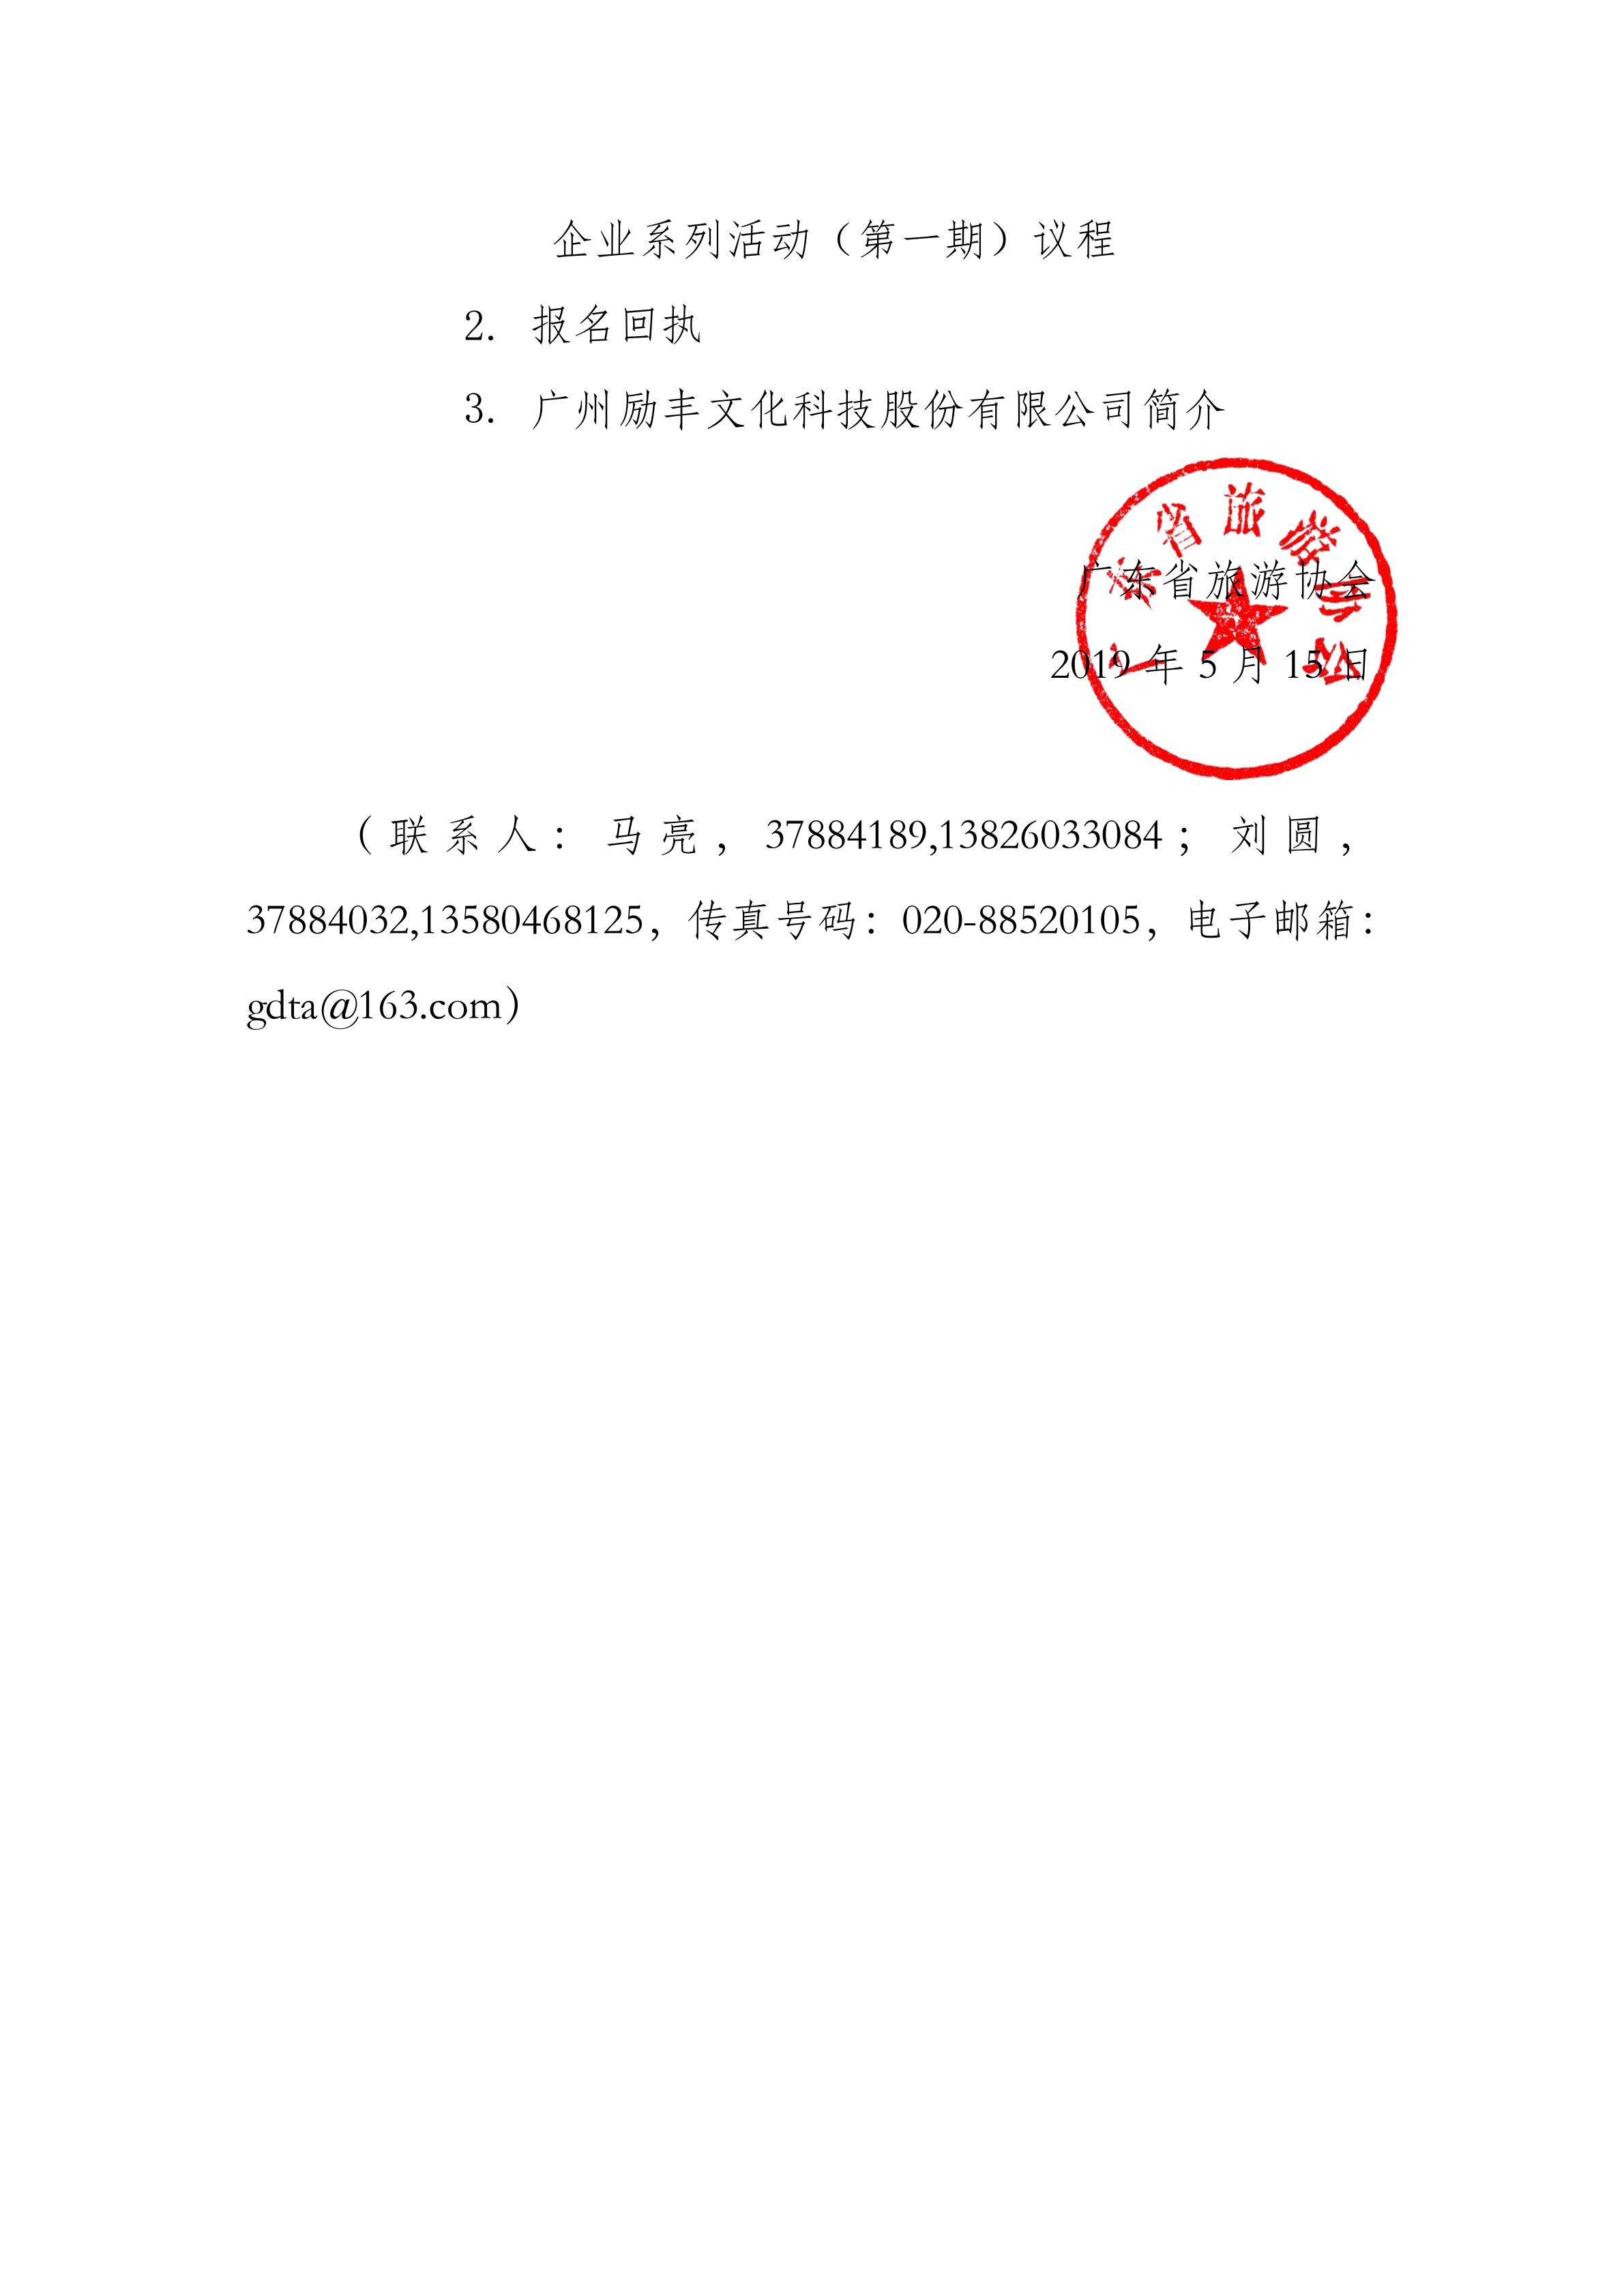 4_粵旅協函〔2019〕24號廣東省旅游協會關于邀請參加2019年走進企業系列活動的函-各副會長單位_01